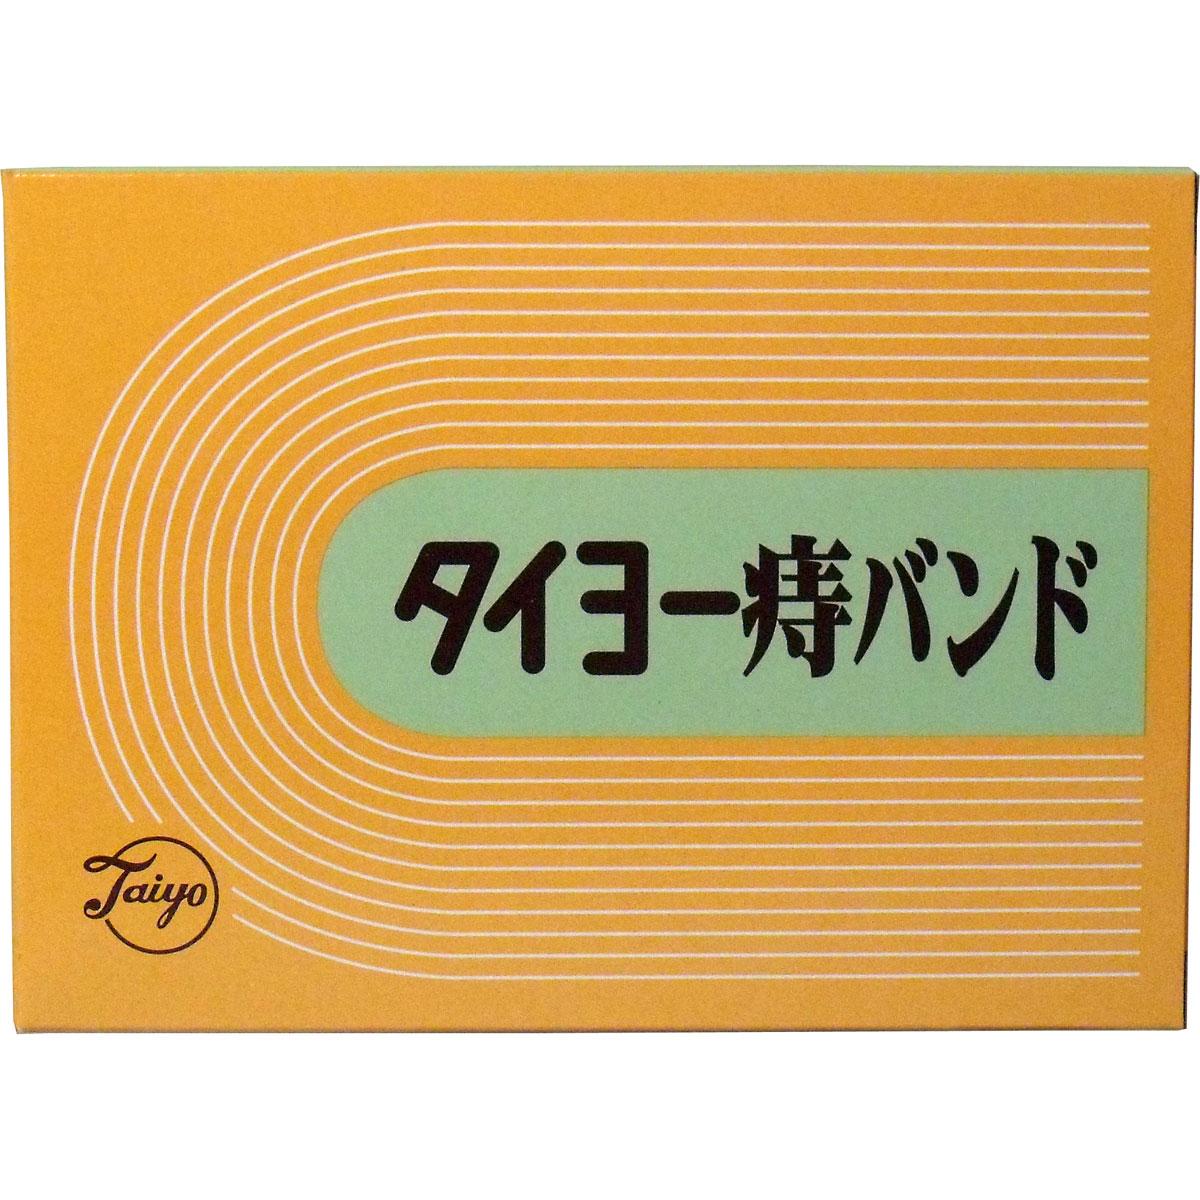 送料無料 代引き無料 送料無料でお届けします 信憑 沖縄 タイヨー痔バンド 離島は別途送料